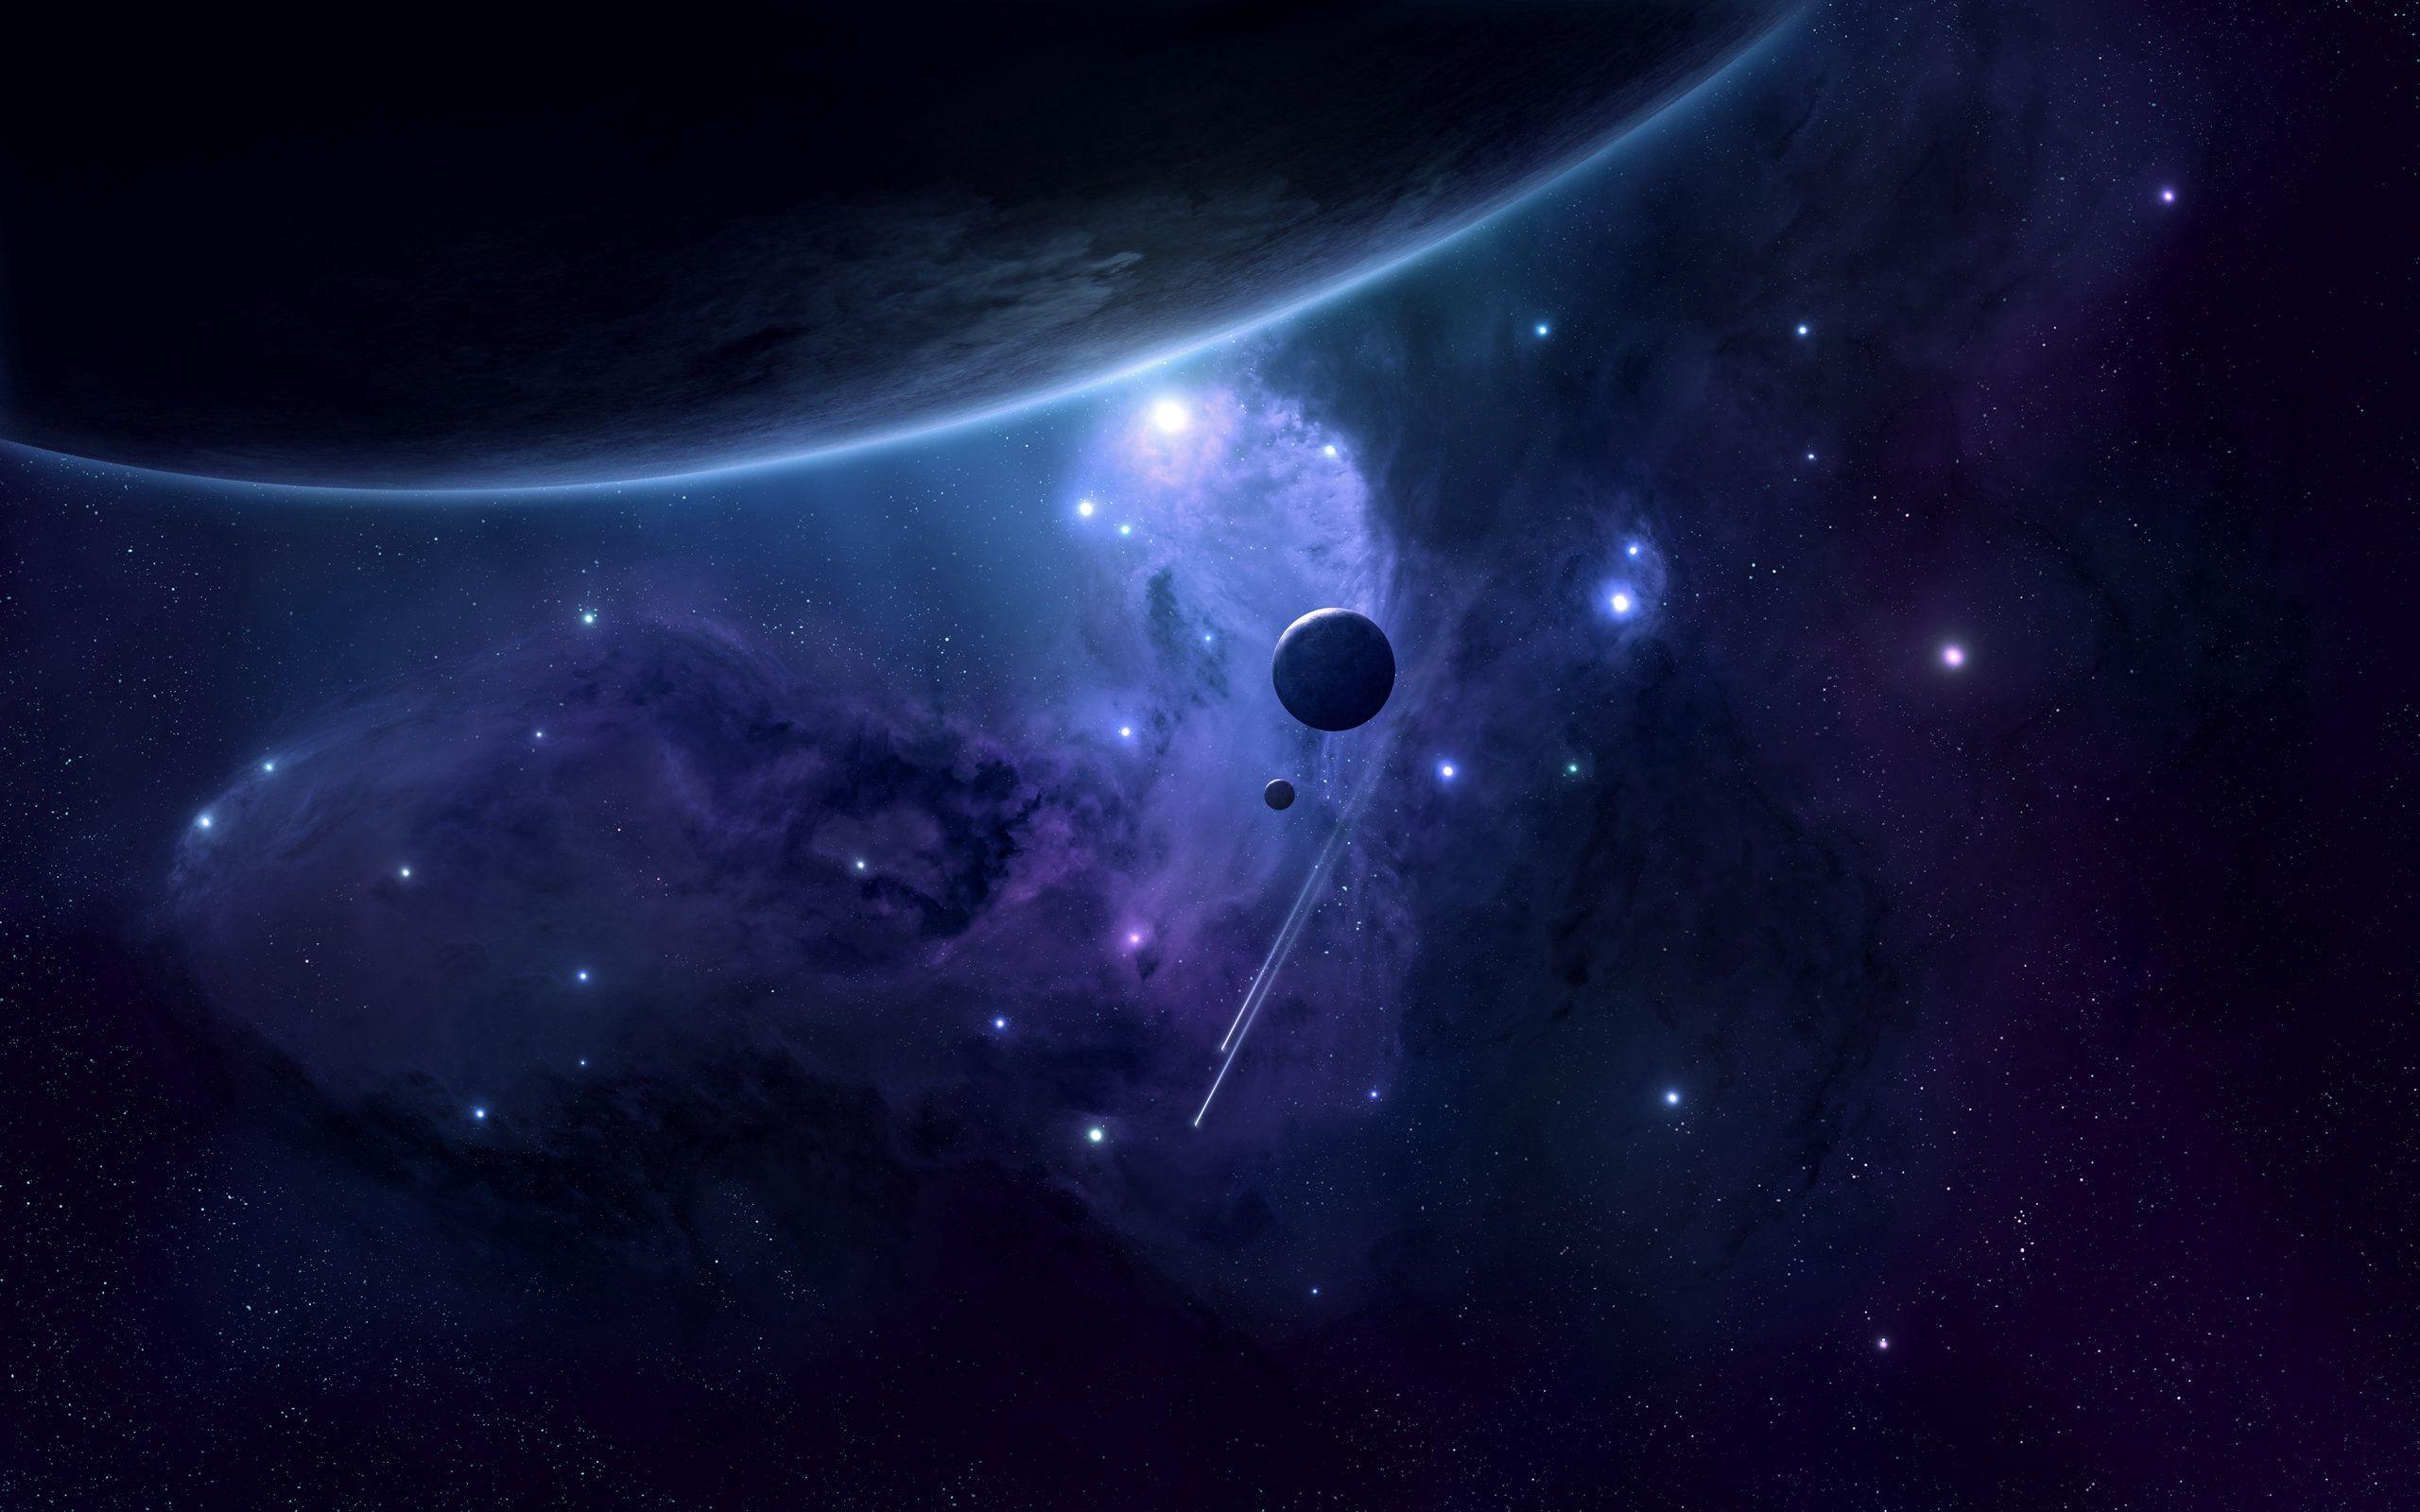 96734 papel de parede 1125x2436 em seu telefone gratuitamente, baixe imagens Universo, Estrelas, Planeta, Satélite, Abismo 1125x2436 em seu celular